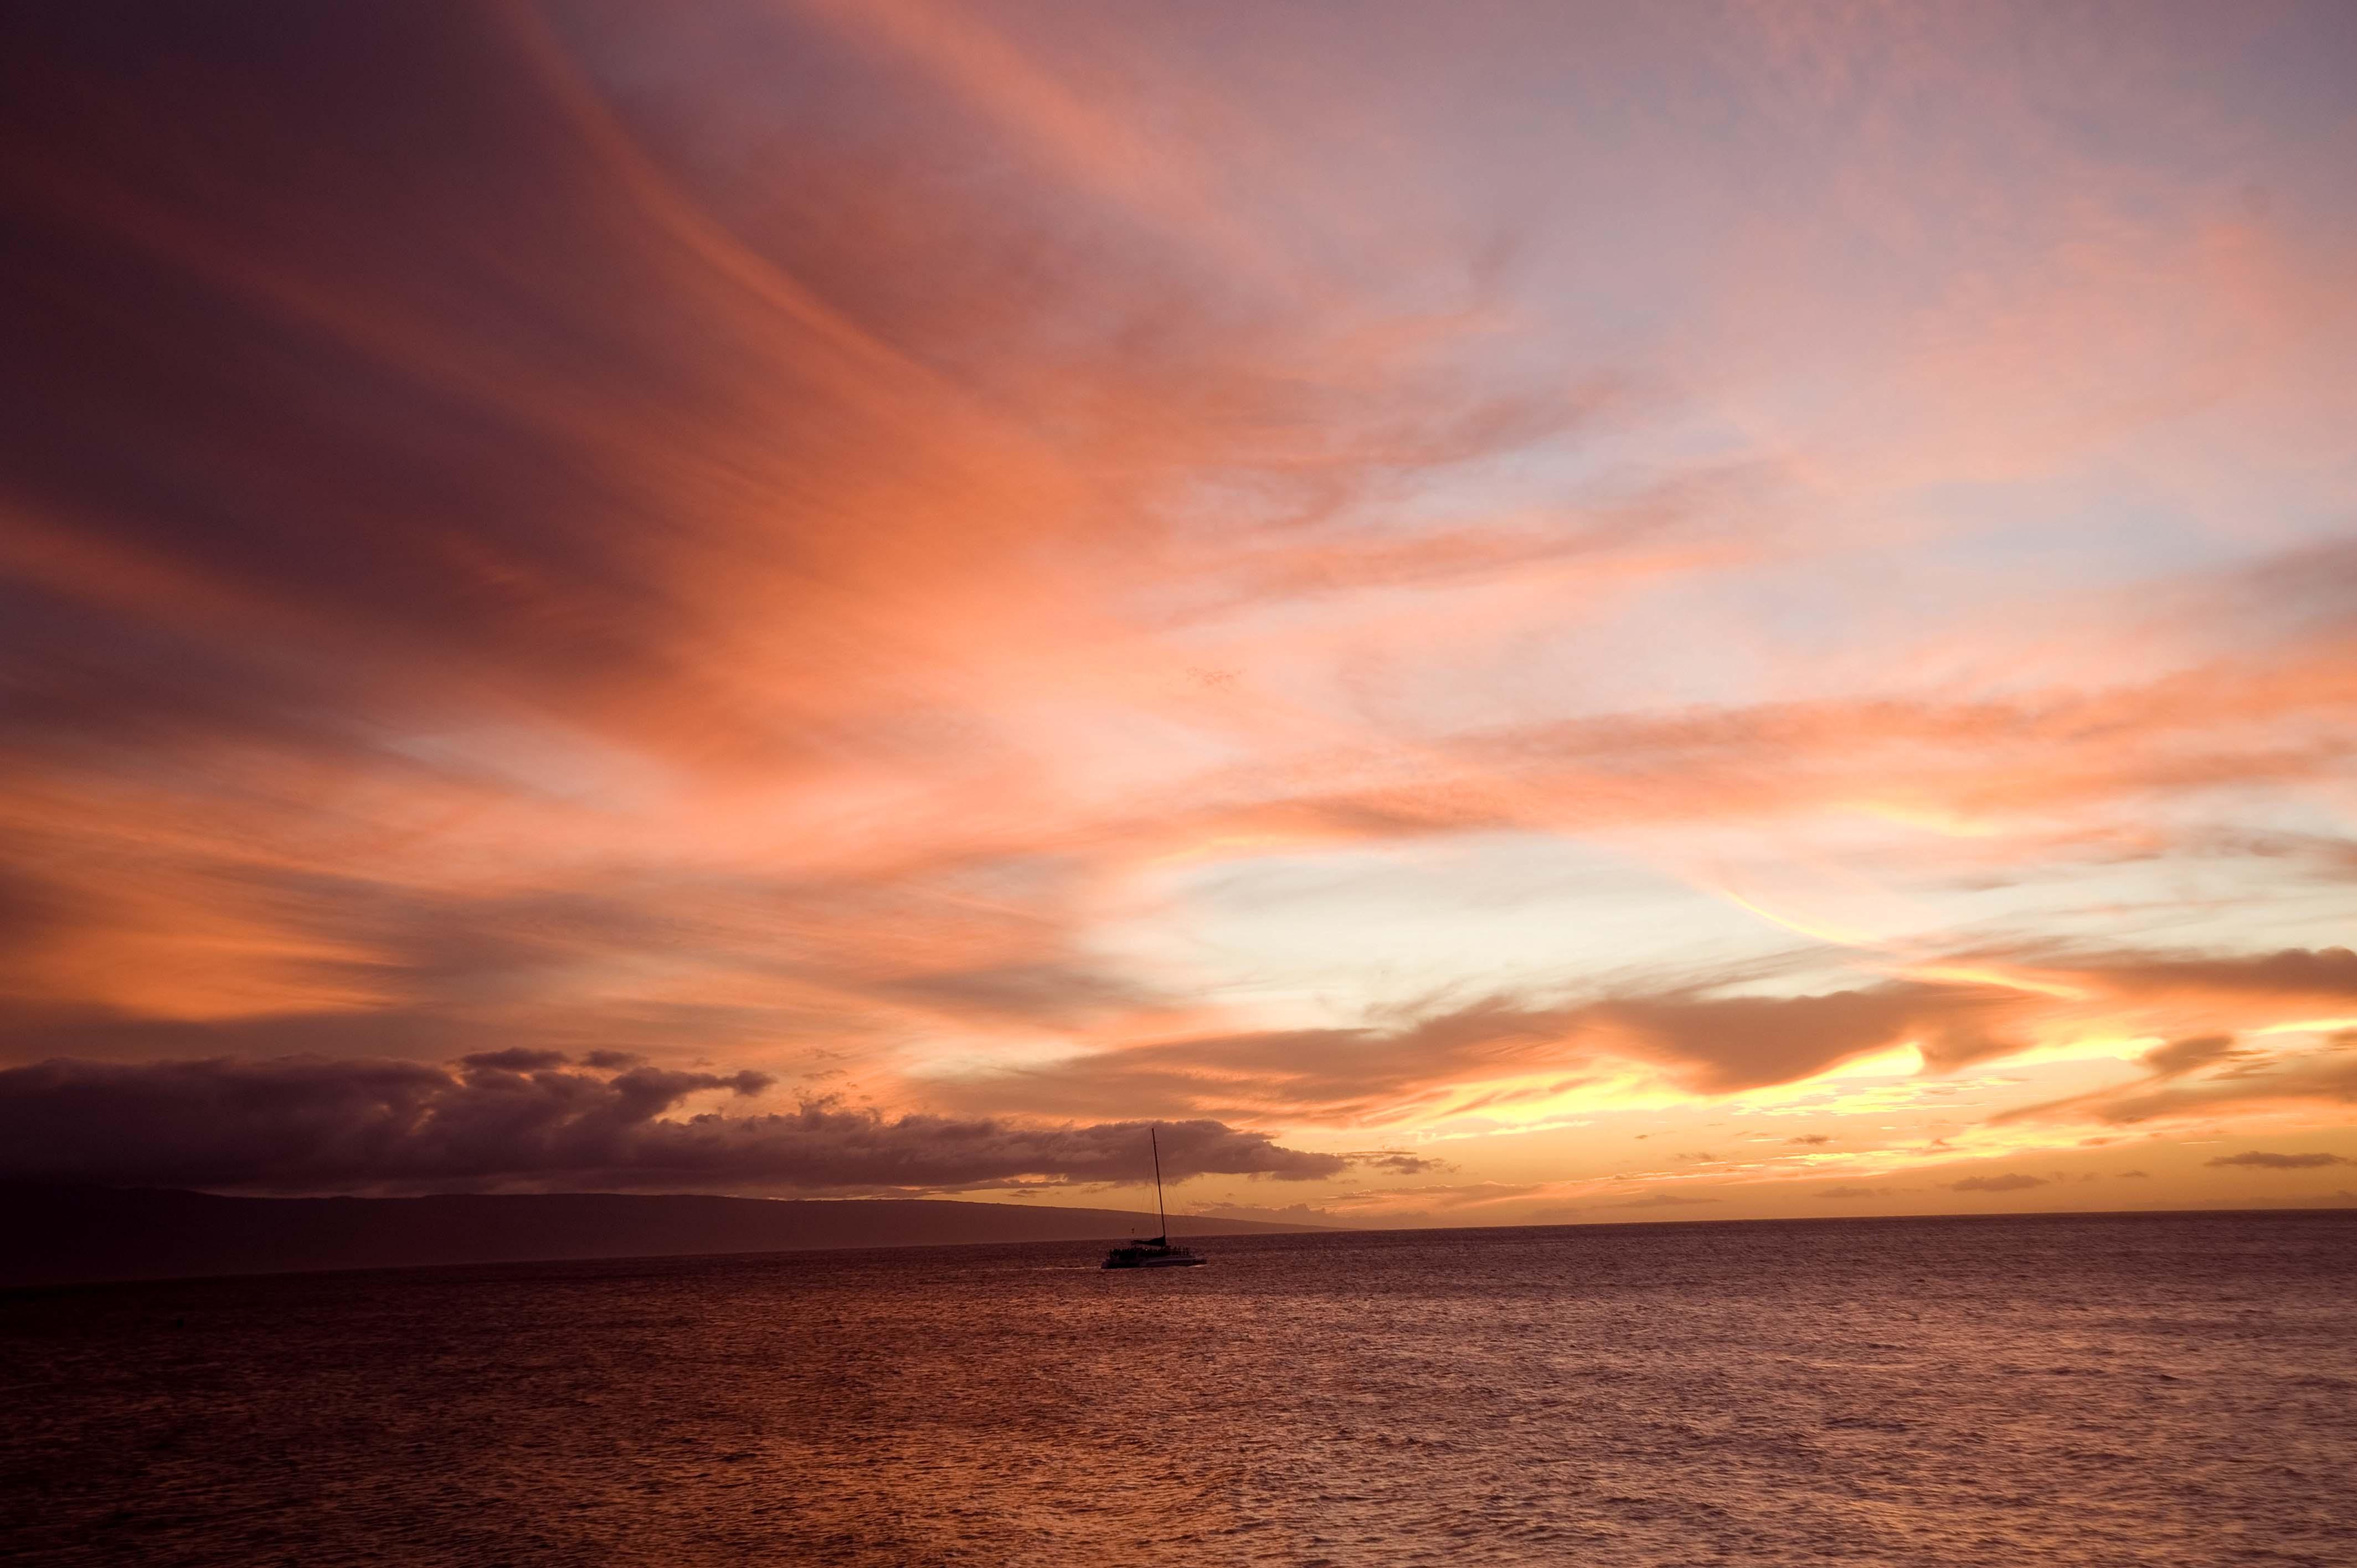 Sunset, West Maui, Hawaii